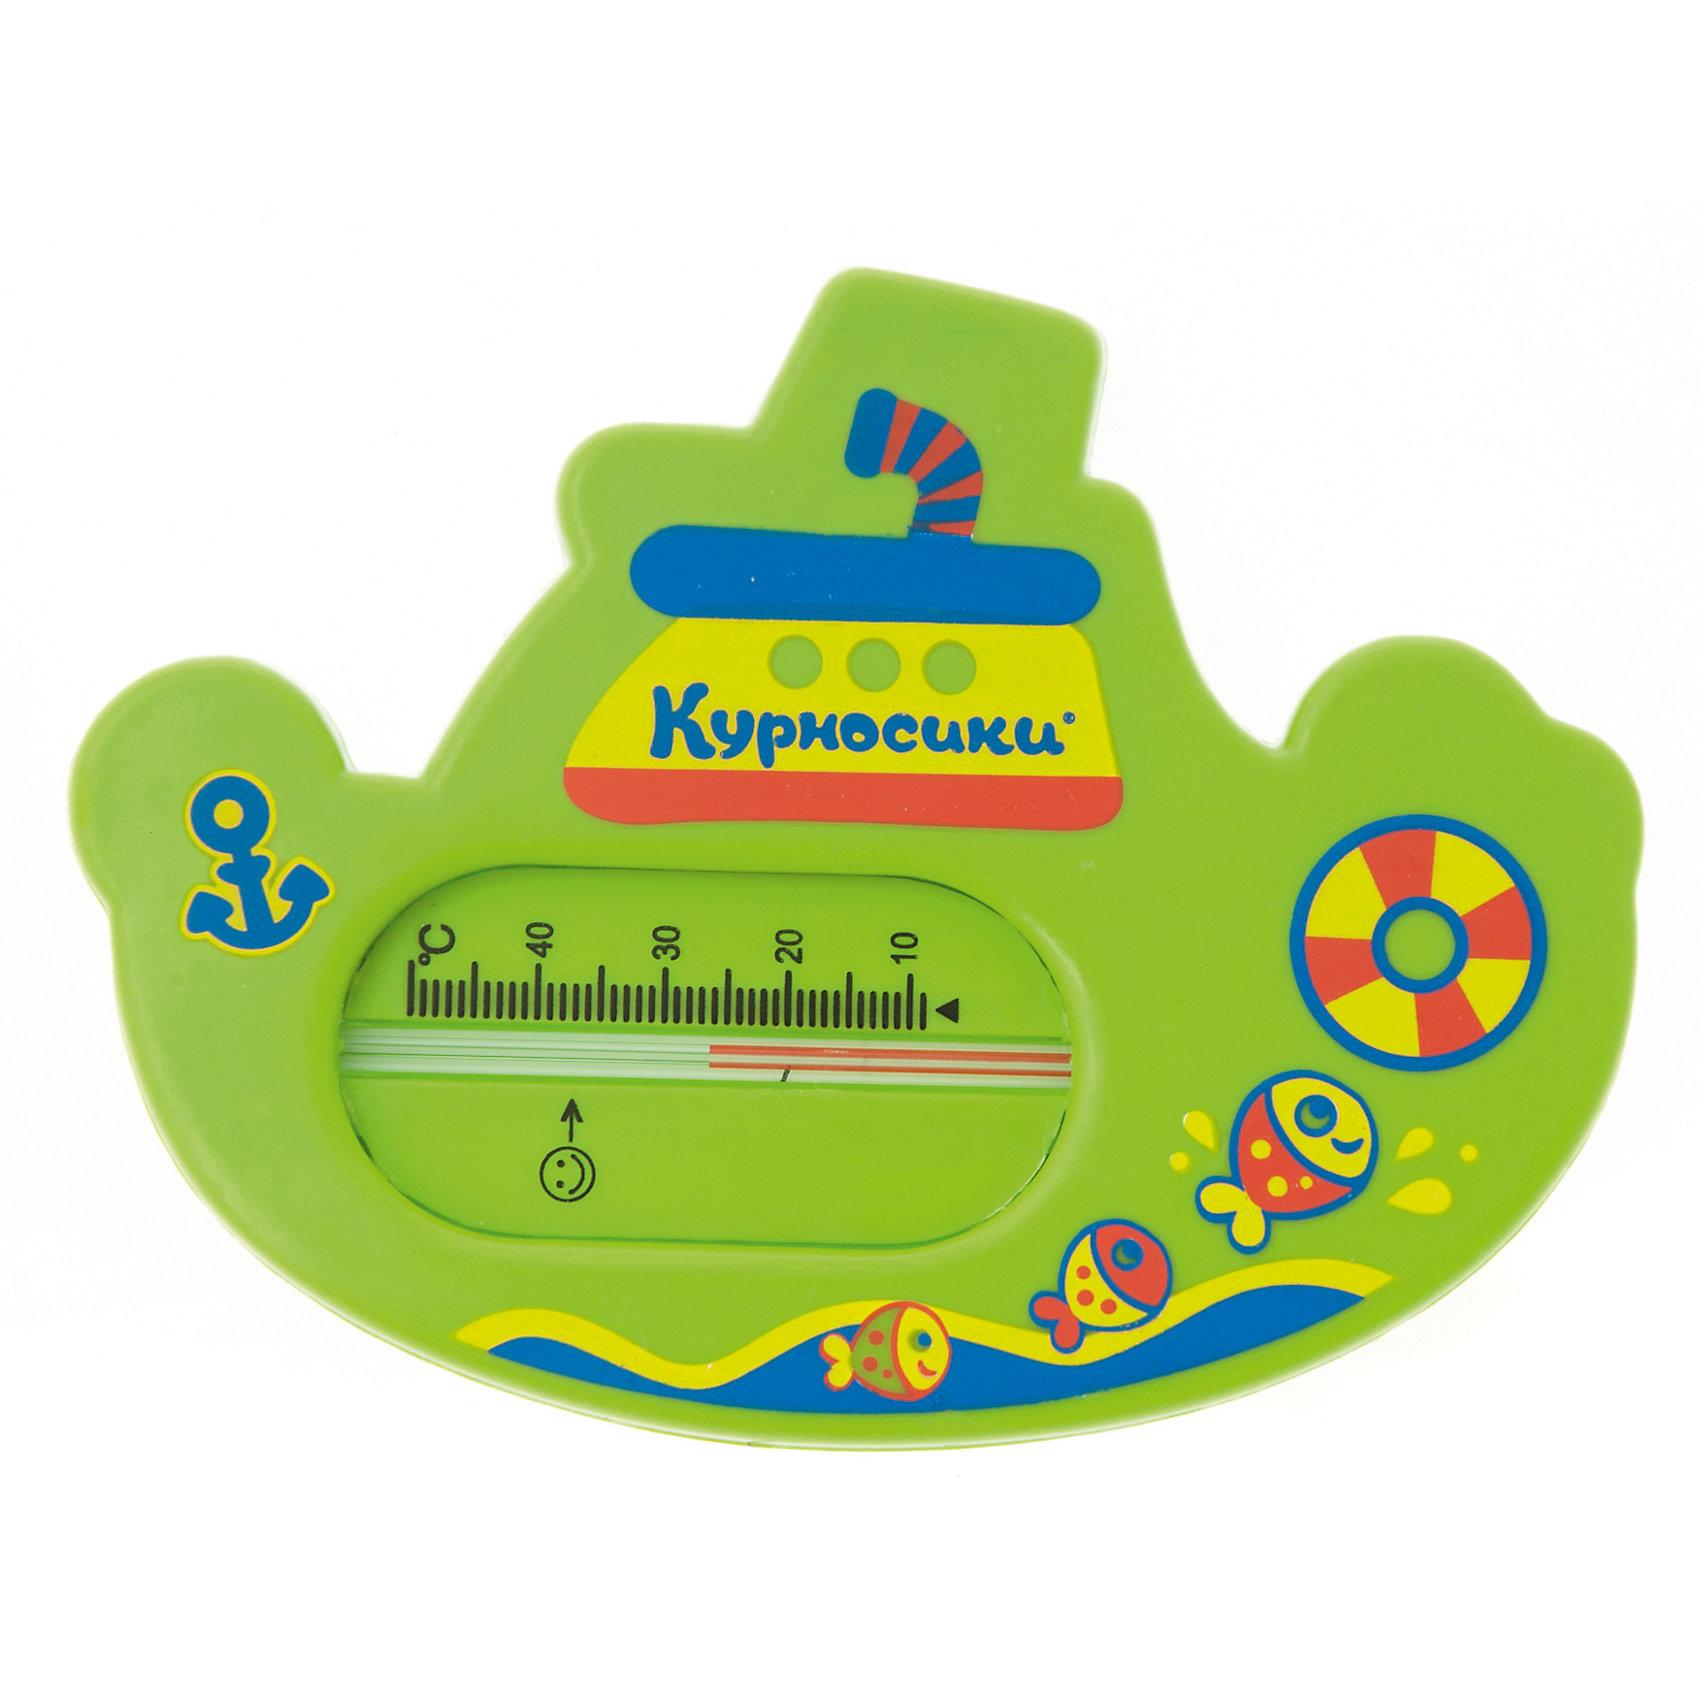 Термометр Пароходик, Kurnosiki, зеленыйТочно измеряет температуру воды для купания малыша. Прост в использовании. Не содержит ртути.<br><br>Ширина мм: 15<br>Глубина мм: 130<br>Высота мм: 170<br>Вес г: 76<br>Возраст от месяцев: 0<br>Возраст до месяцев: 36<br>Пол: Унисекс<br>Возраст: Детский<br>SKU: 5428697